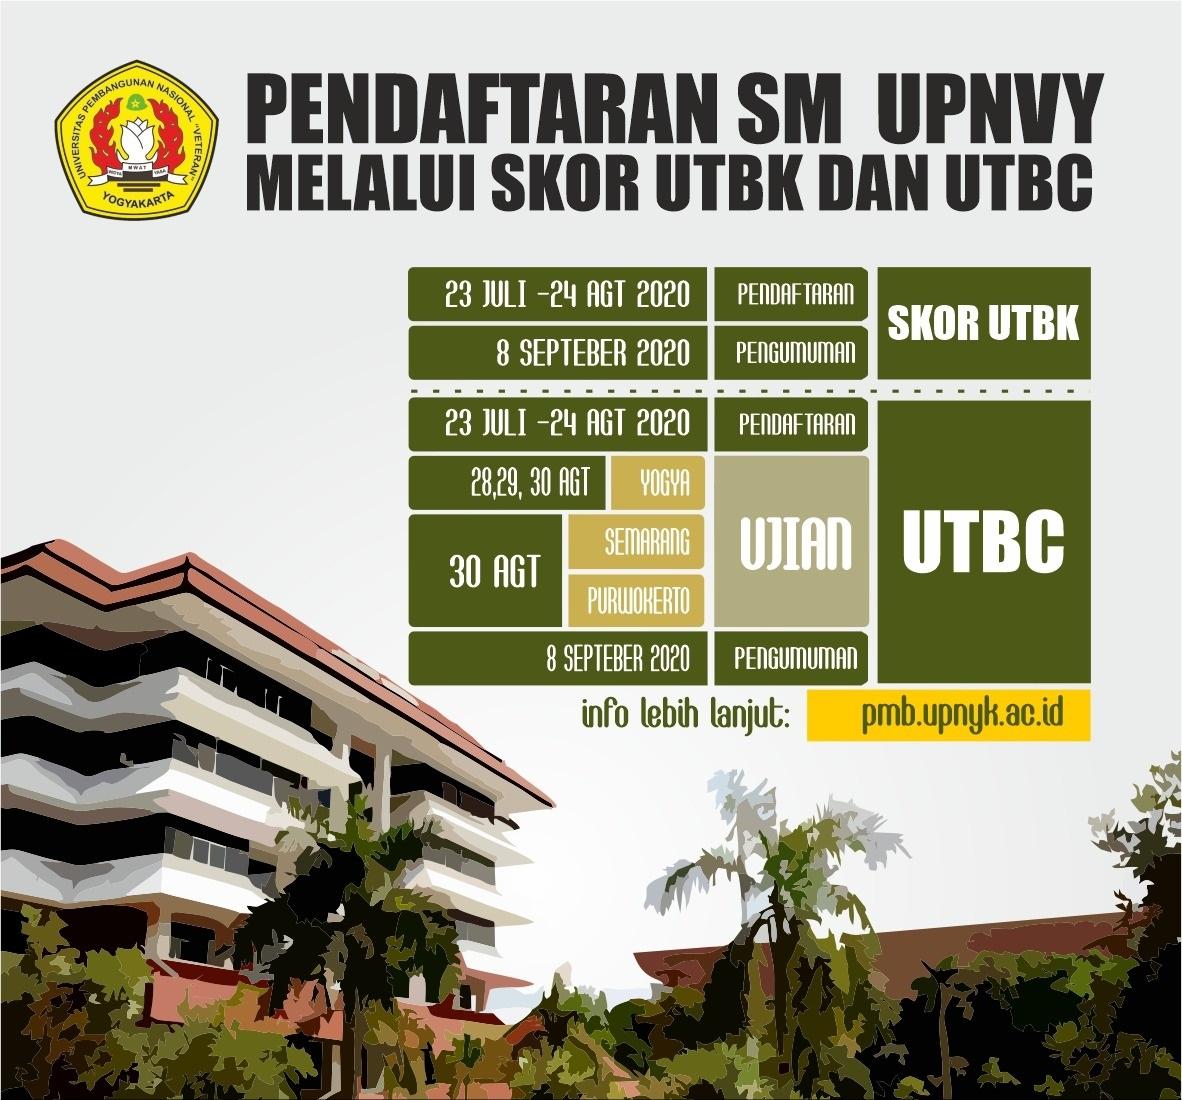 Seleksi Mandiri UPNVY